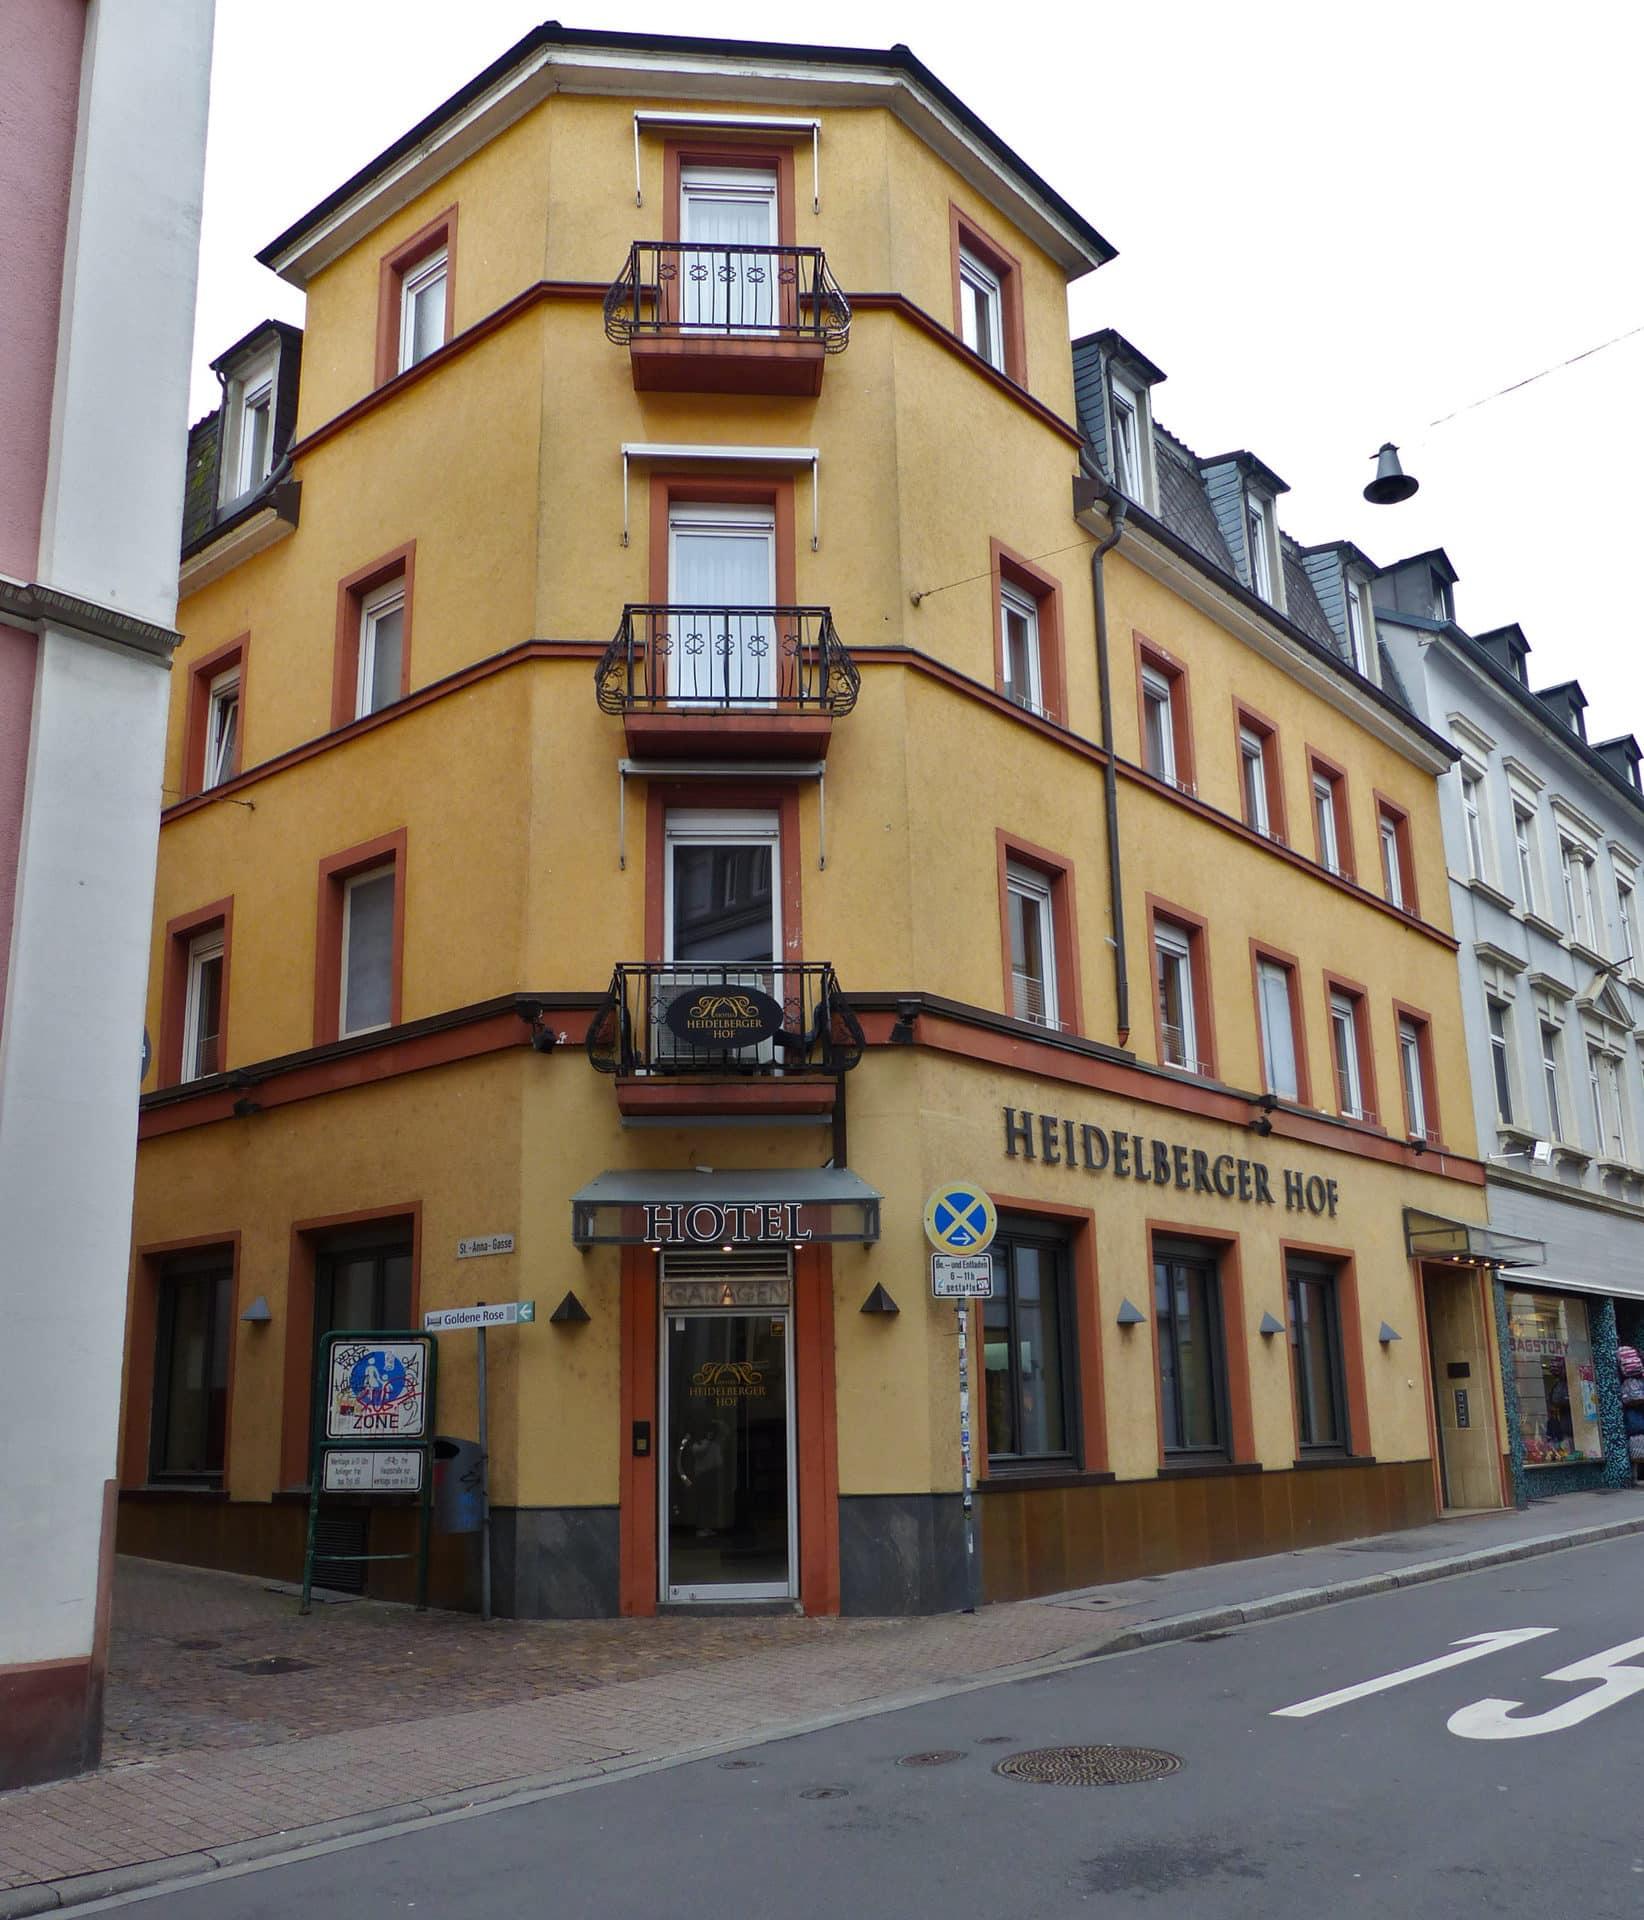 Hotel Heidelberger Hof